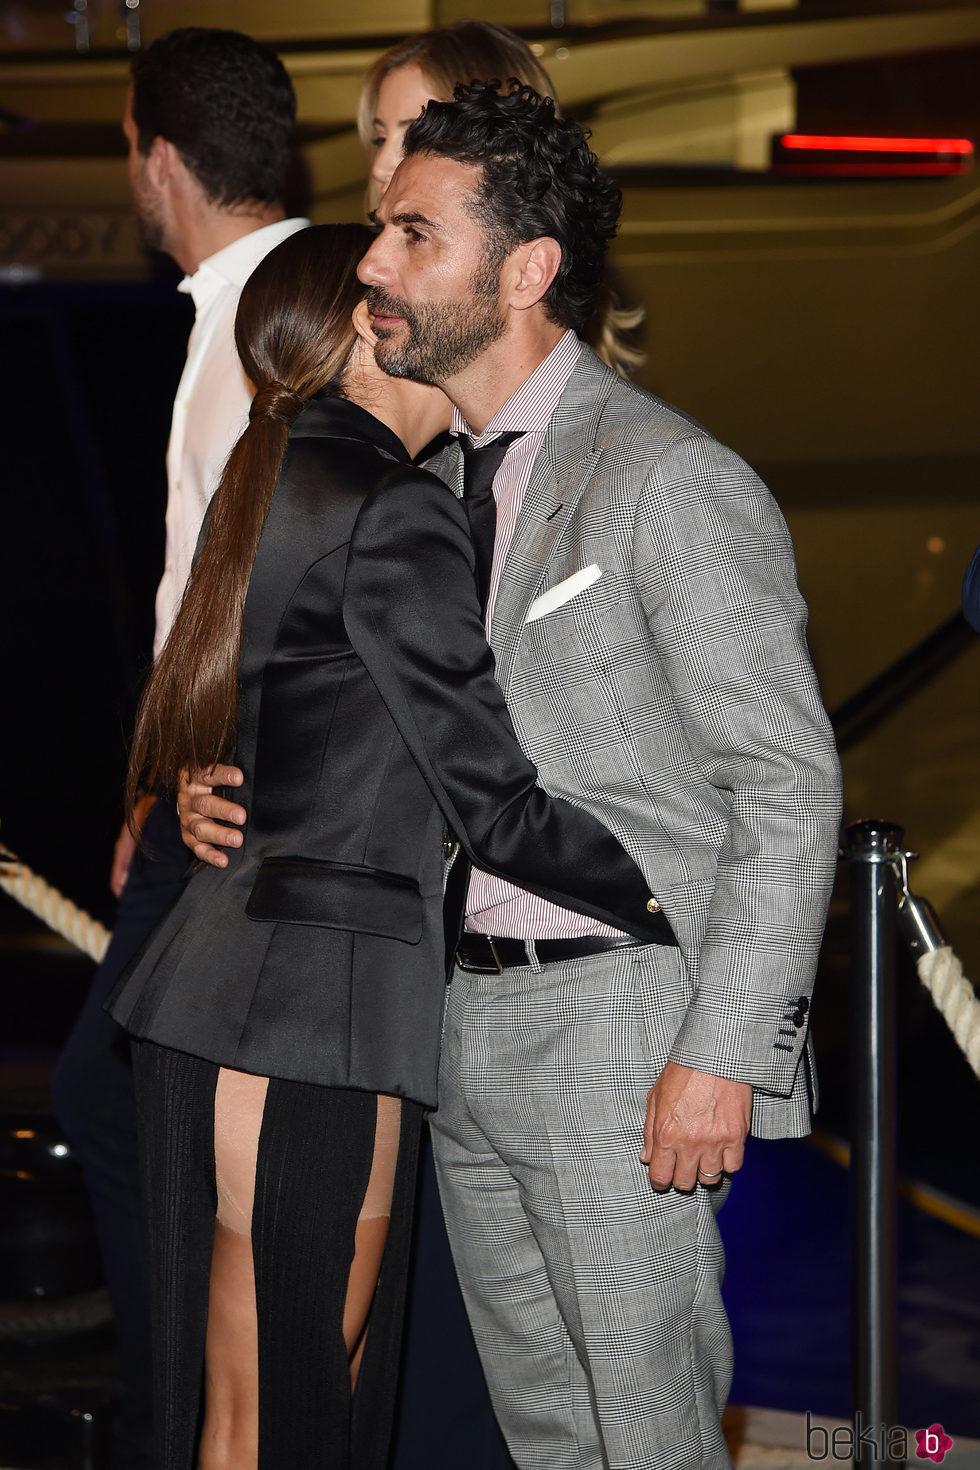 Eva Longoria muy cariñosa con Jose Antonio Baston en la fiesta de L'Oreal en Cannes 2017